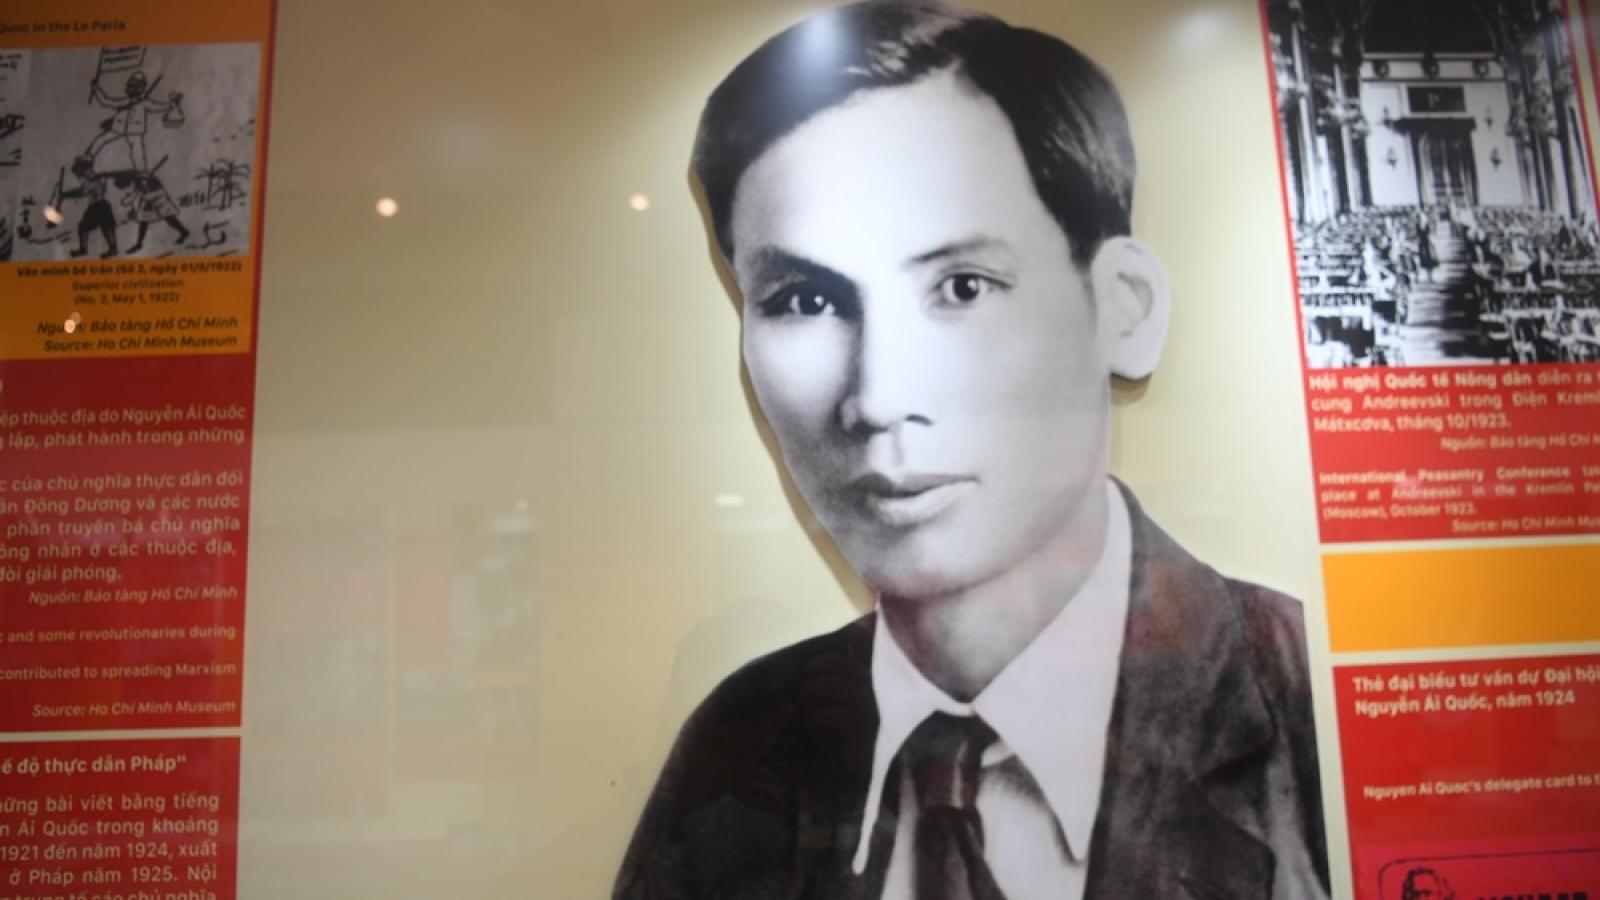 Những hình ảnh chưa công bố về cuộc đời hoạt động Cách mạng của Bác Hồ